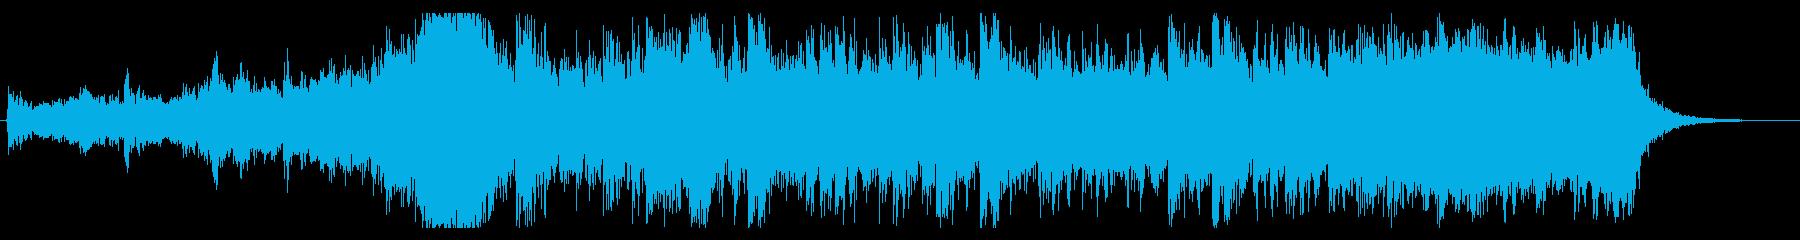 大自然壮大オケ 30秒 pno syn無の再生済みの波形